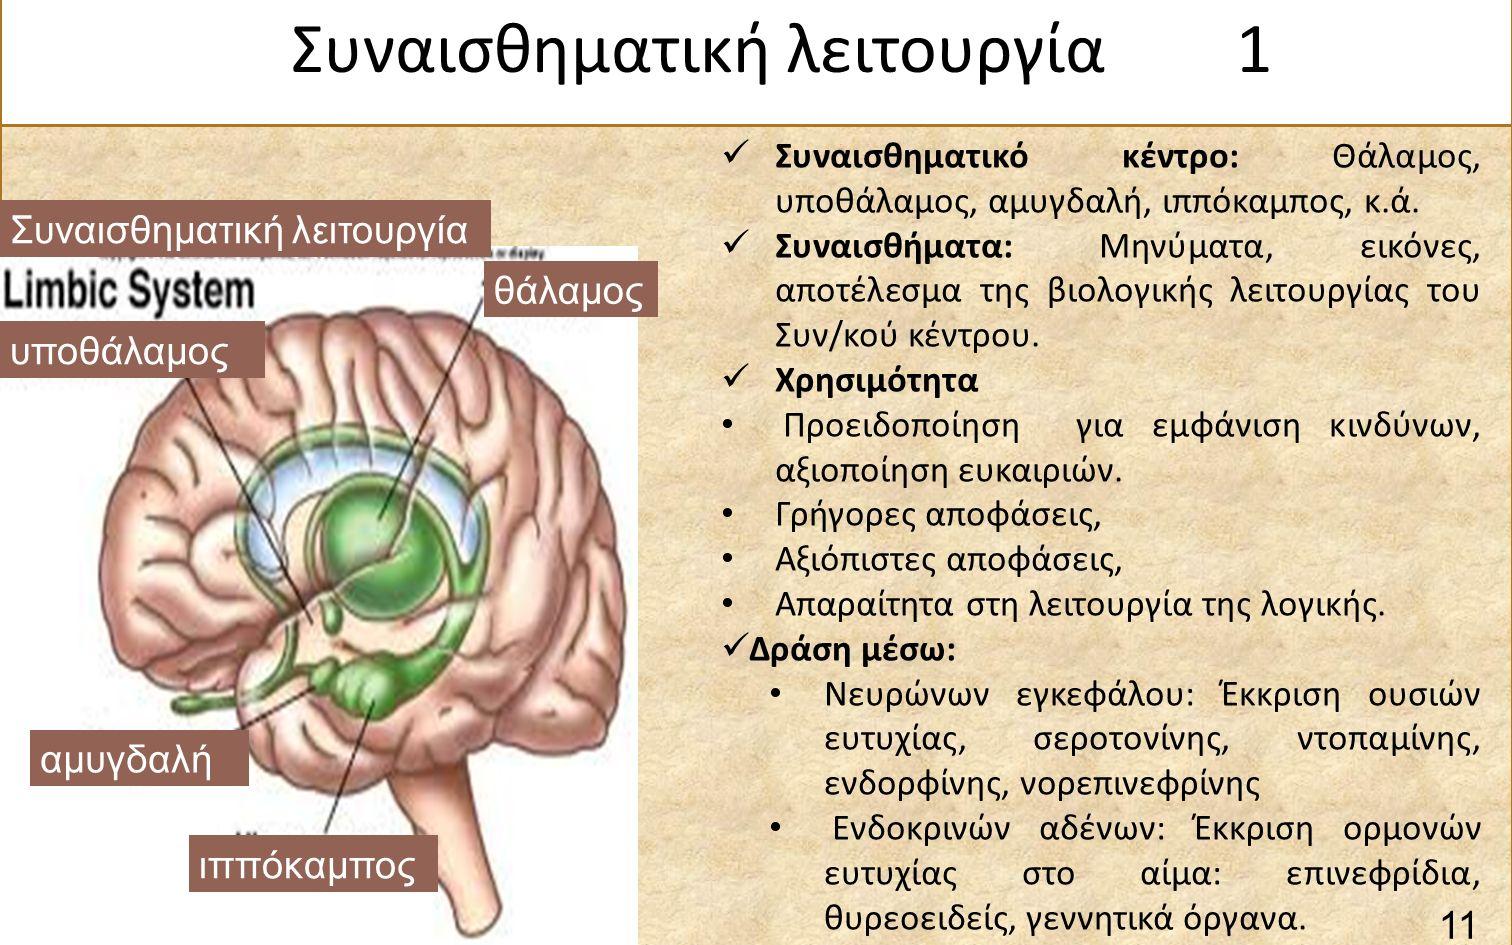 Συναισθηματική λειτουργία θάλαμος αμυγδαλή υποθάλαμος ιππόκαμπος Συναισθηματικό κέντρο: Θάλαμος, υποθάλαμος, αμυγδαλή, ιππόκαμπος, κ.ά.